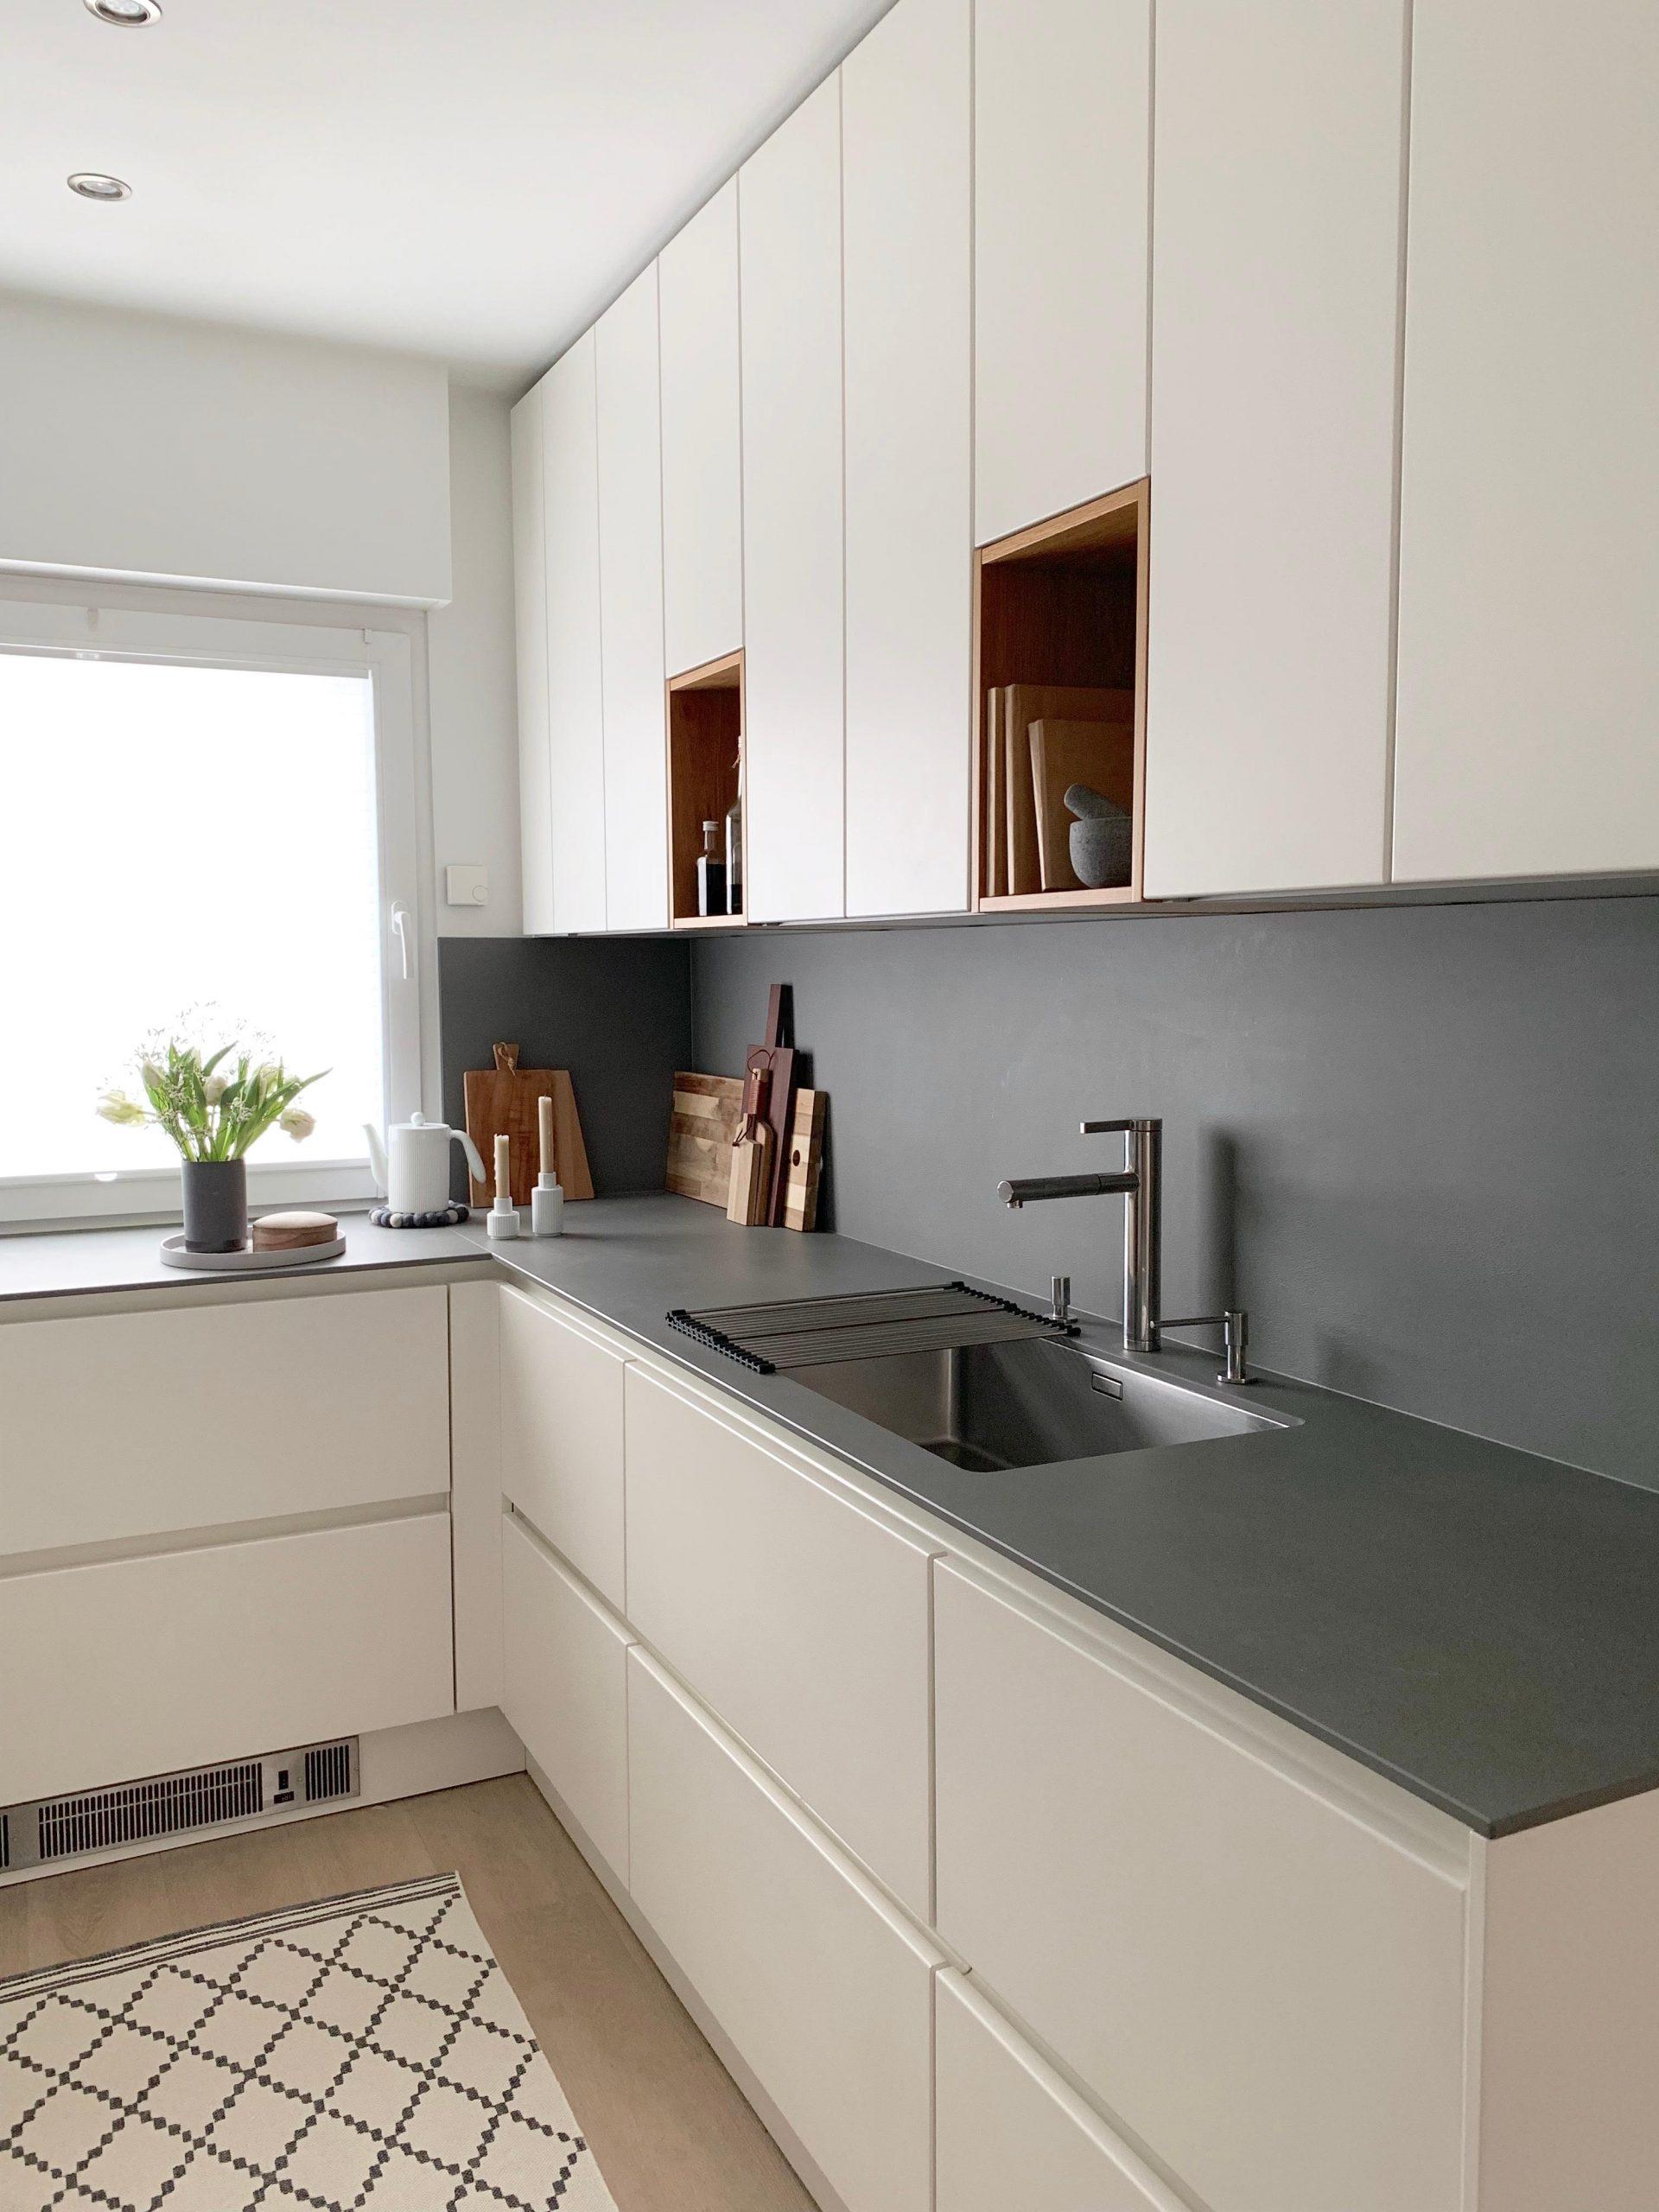 Full Size of Einbauküche Für Kleine Küchen Kleine Wohnung Mit Einbauküche Kleine Einbauküche Ikea Kleine Einbauküche Preis Küche Kleine Einbauküche